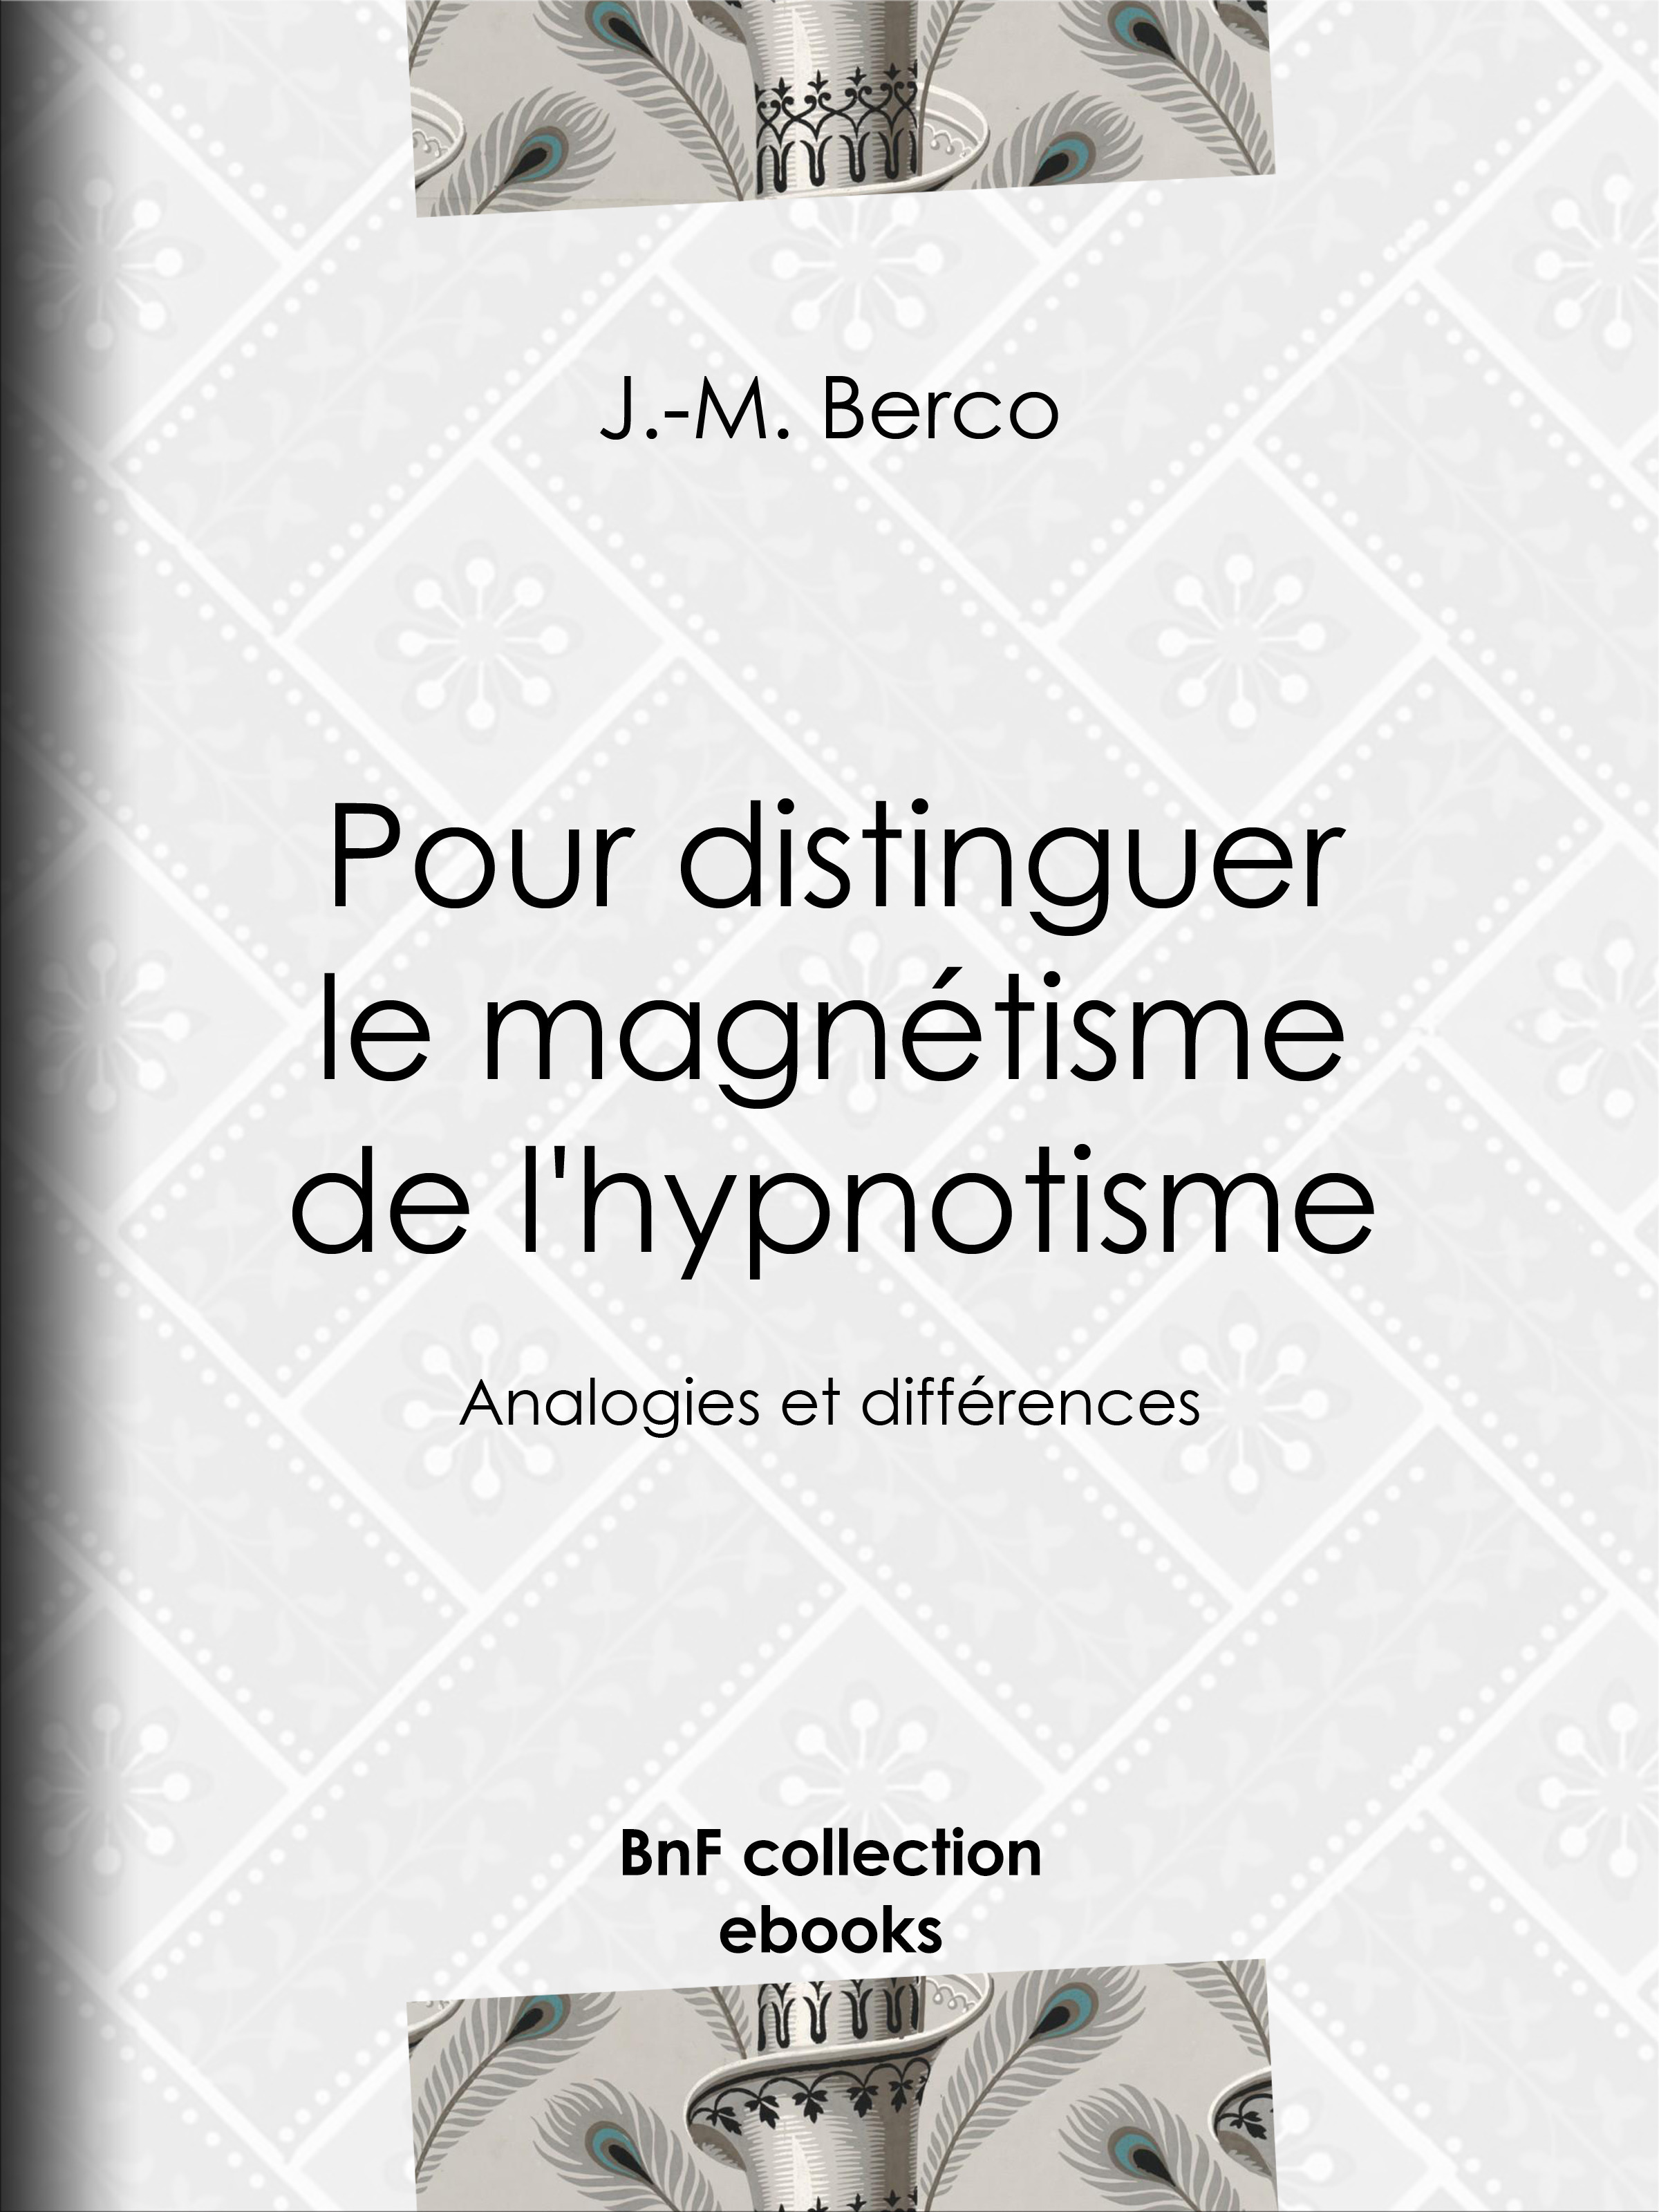 Pour distinguer le magnétisme de l'hypnotisme  - J.-M. Berco